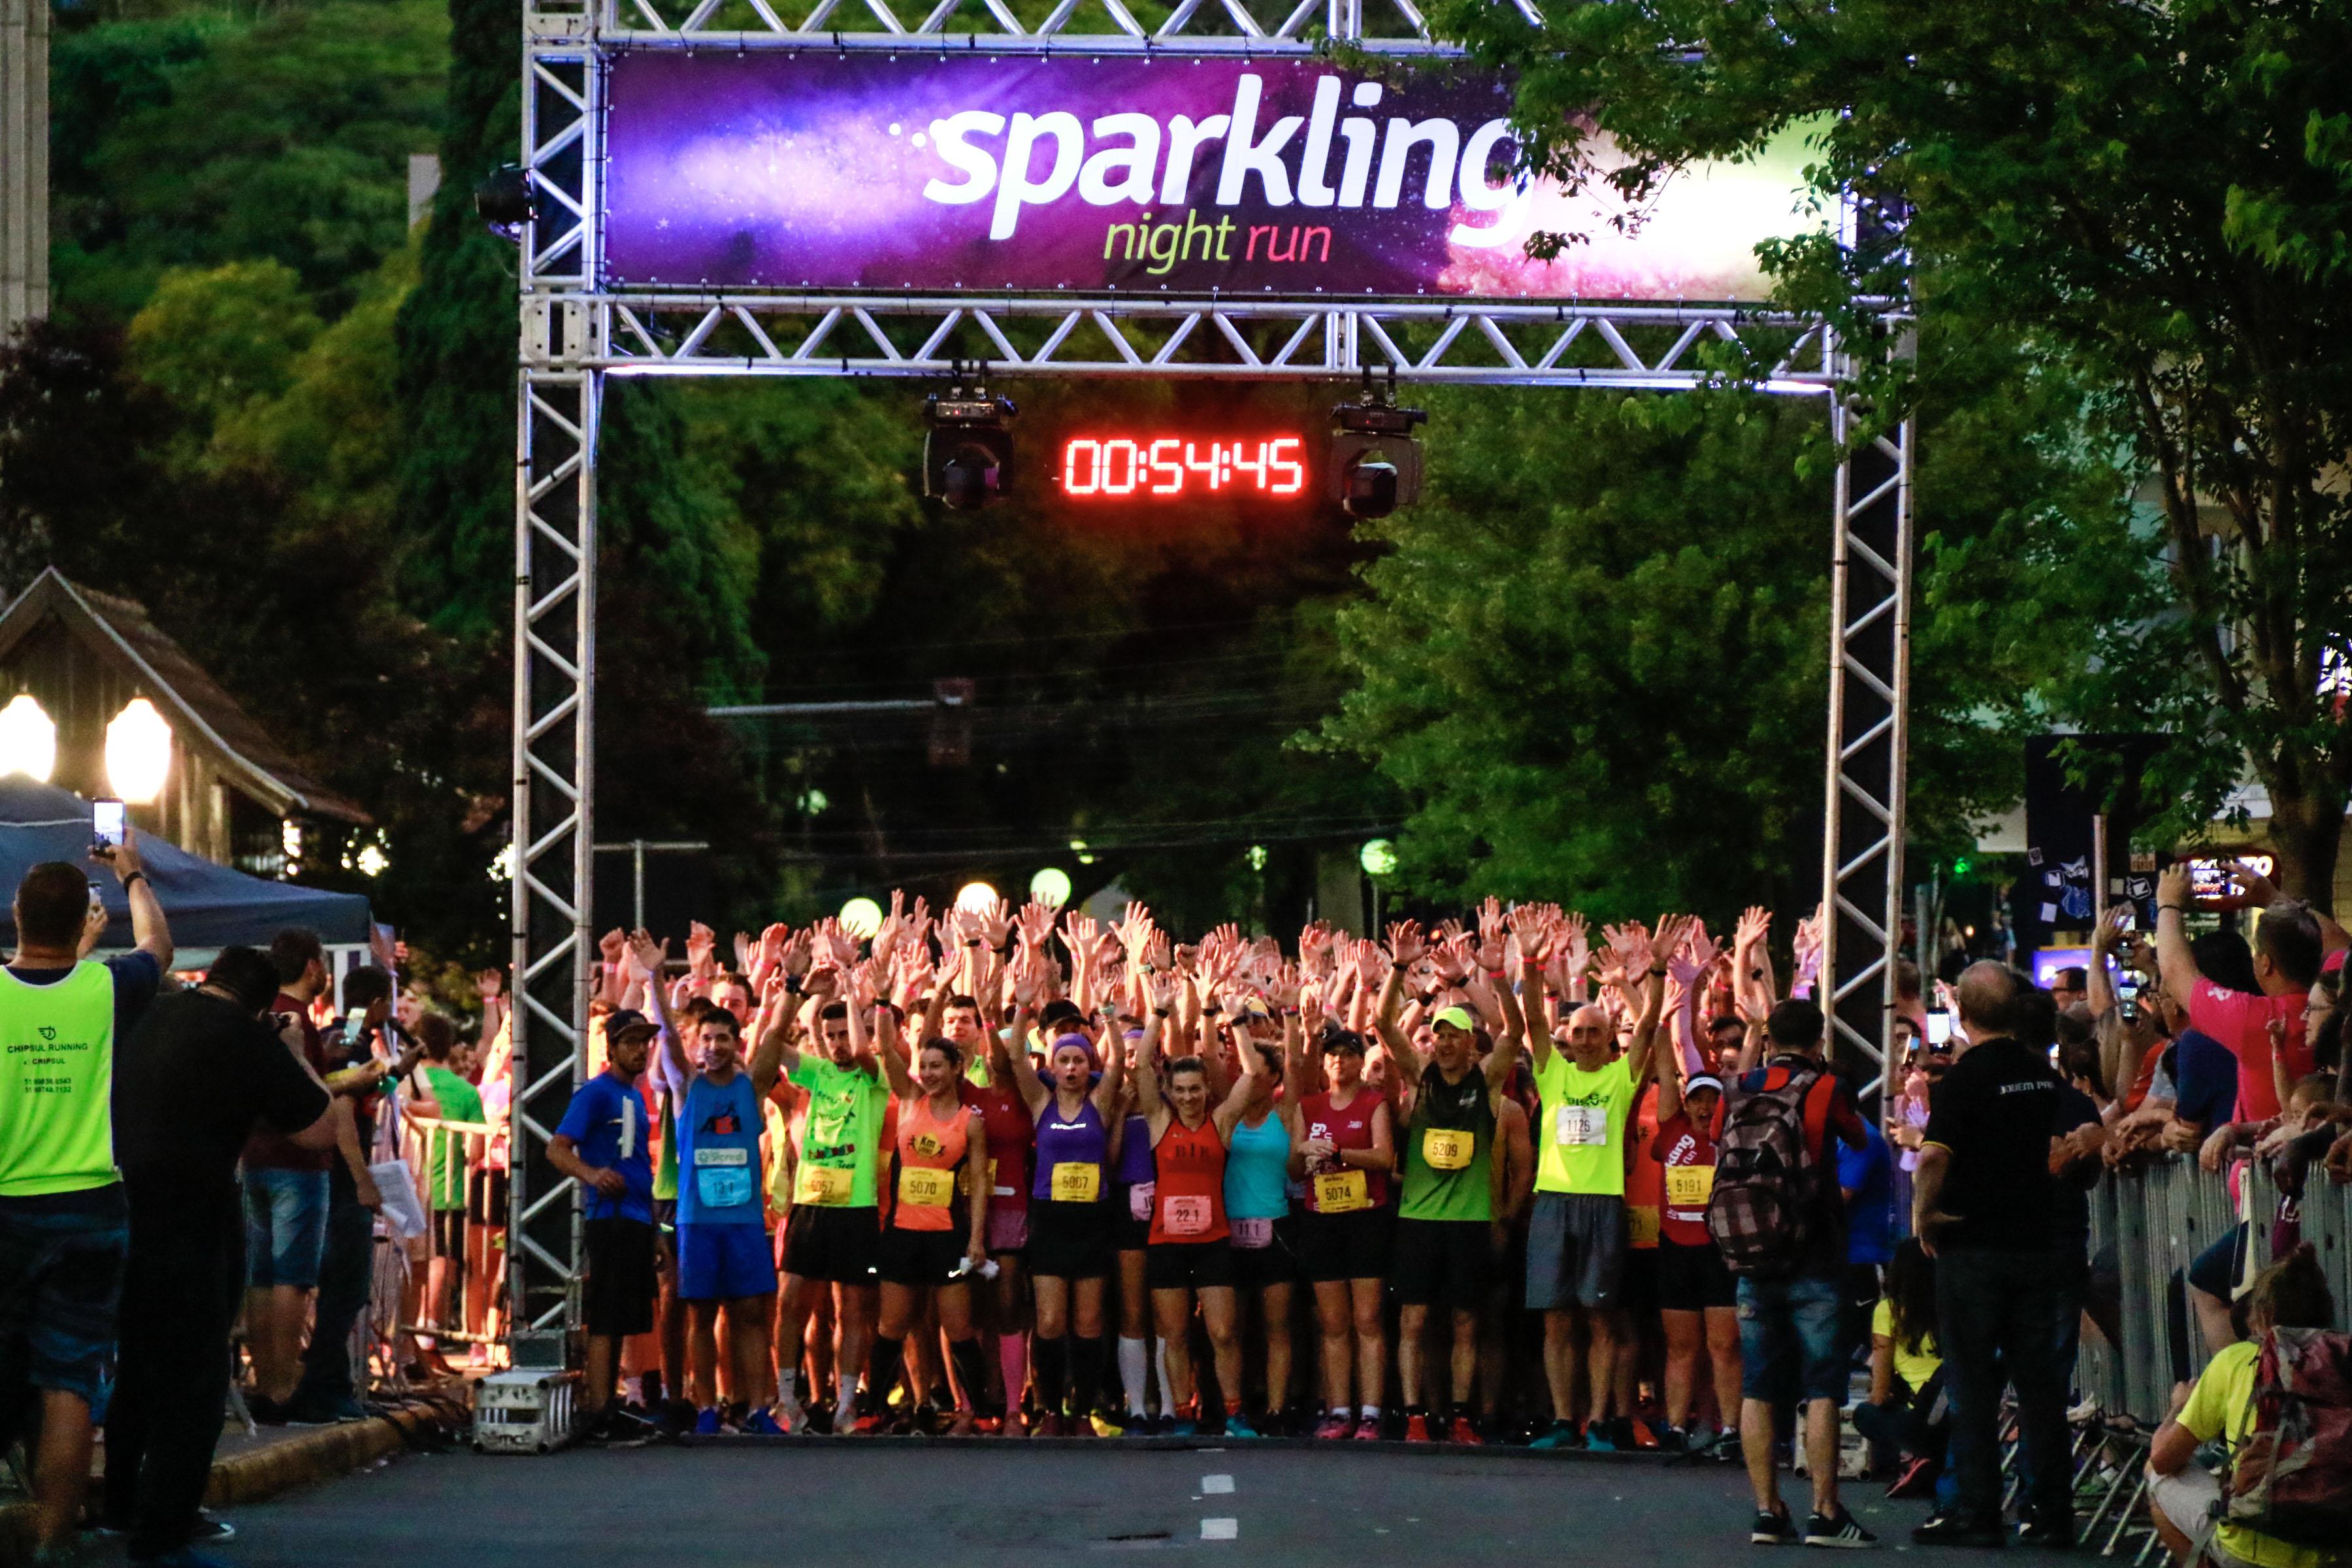 Sparkling Night Run ocorre neste sábado: saiba as orientações para os atletas e o que muda no trânsito